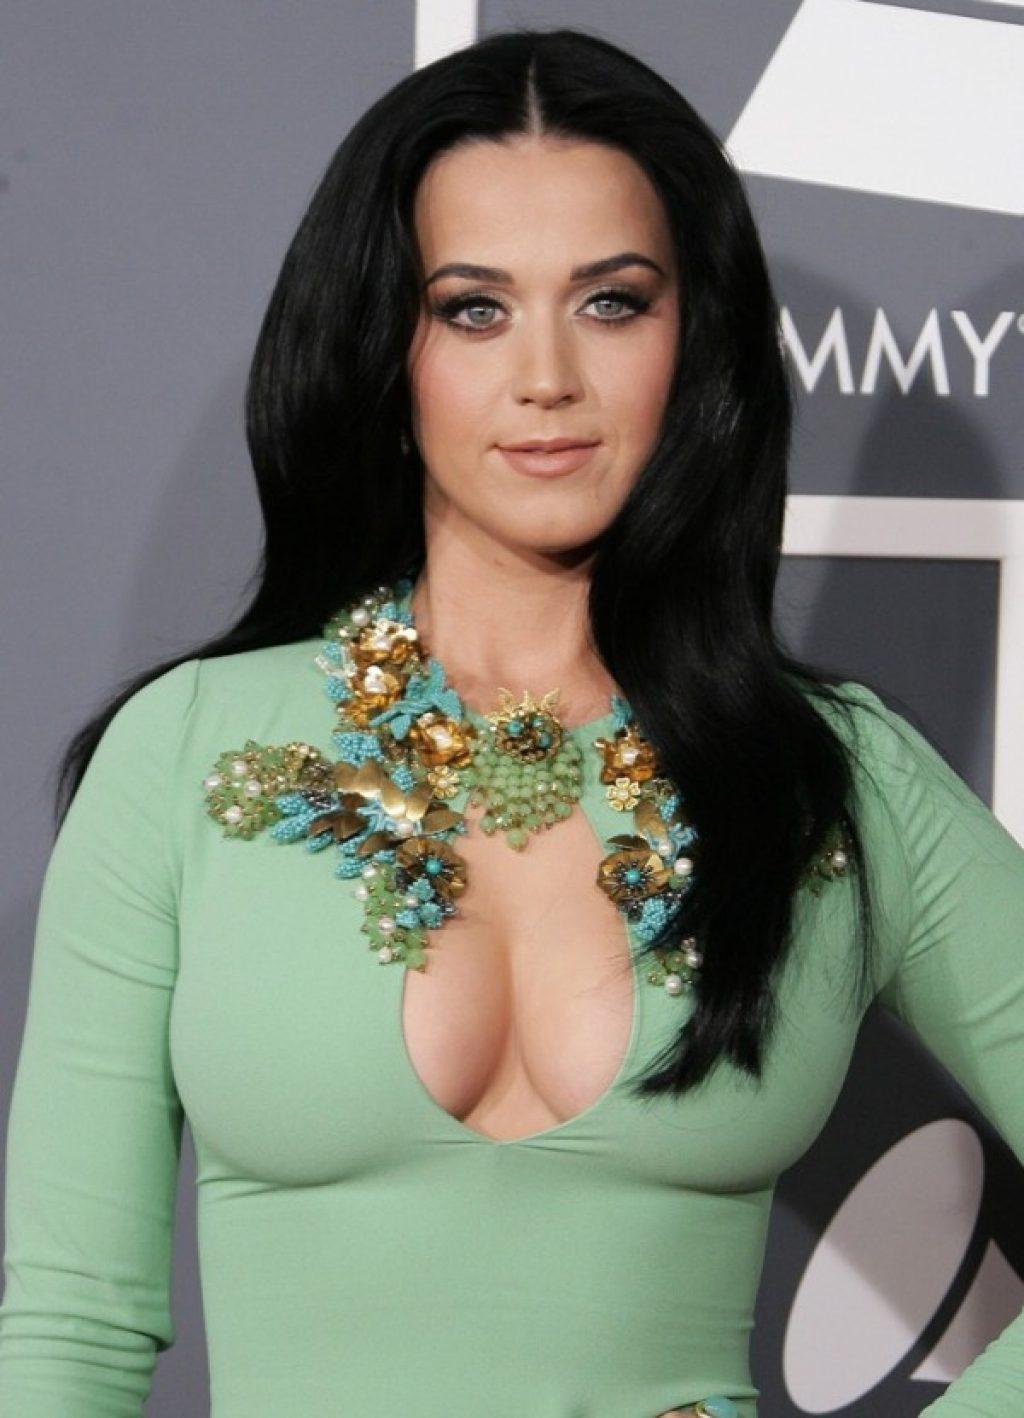 Zufrieden mit ihrem Körper: Katy Perry c/0 hadwallpapers3d.com